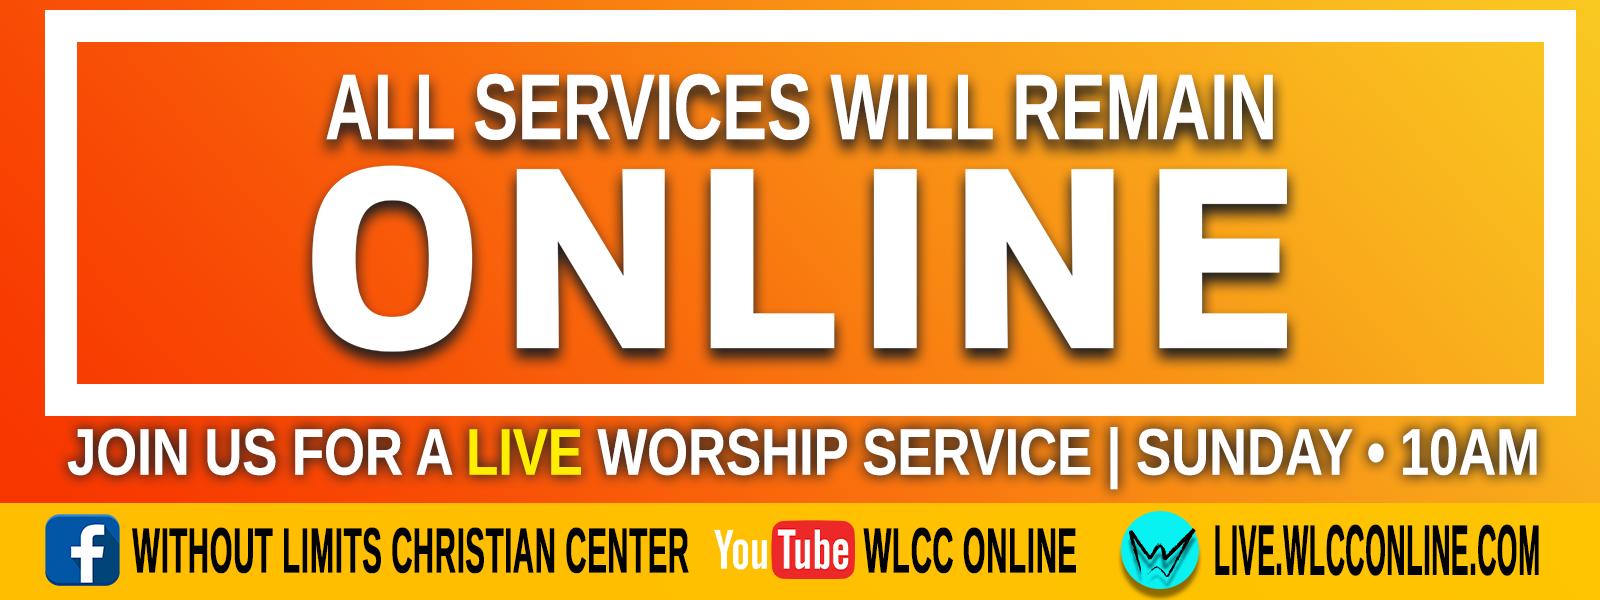 Online Services slide